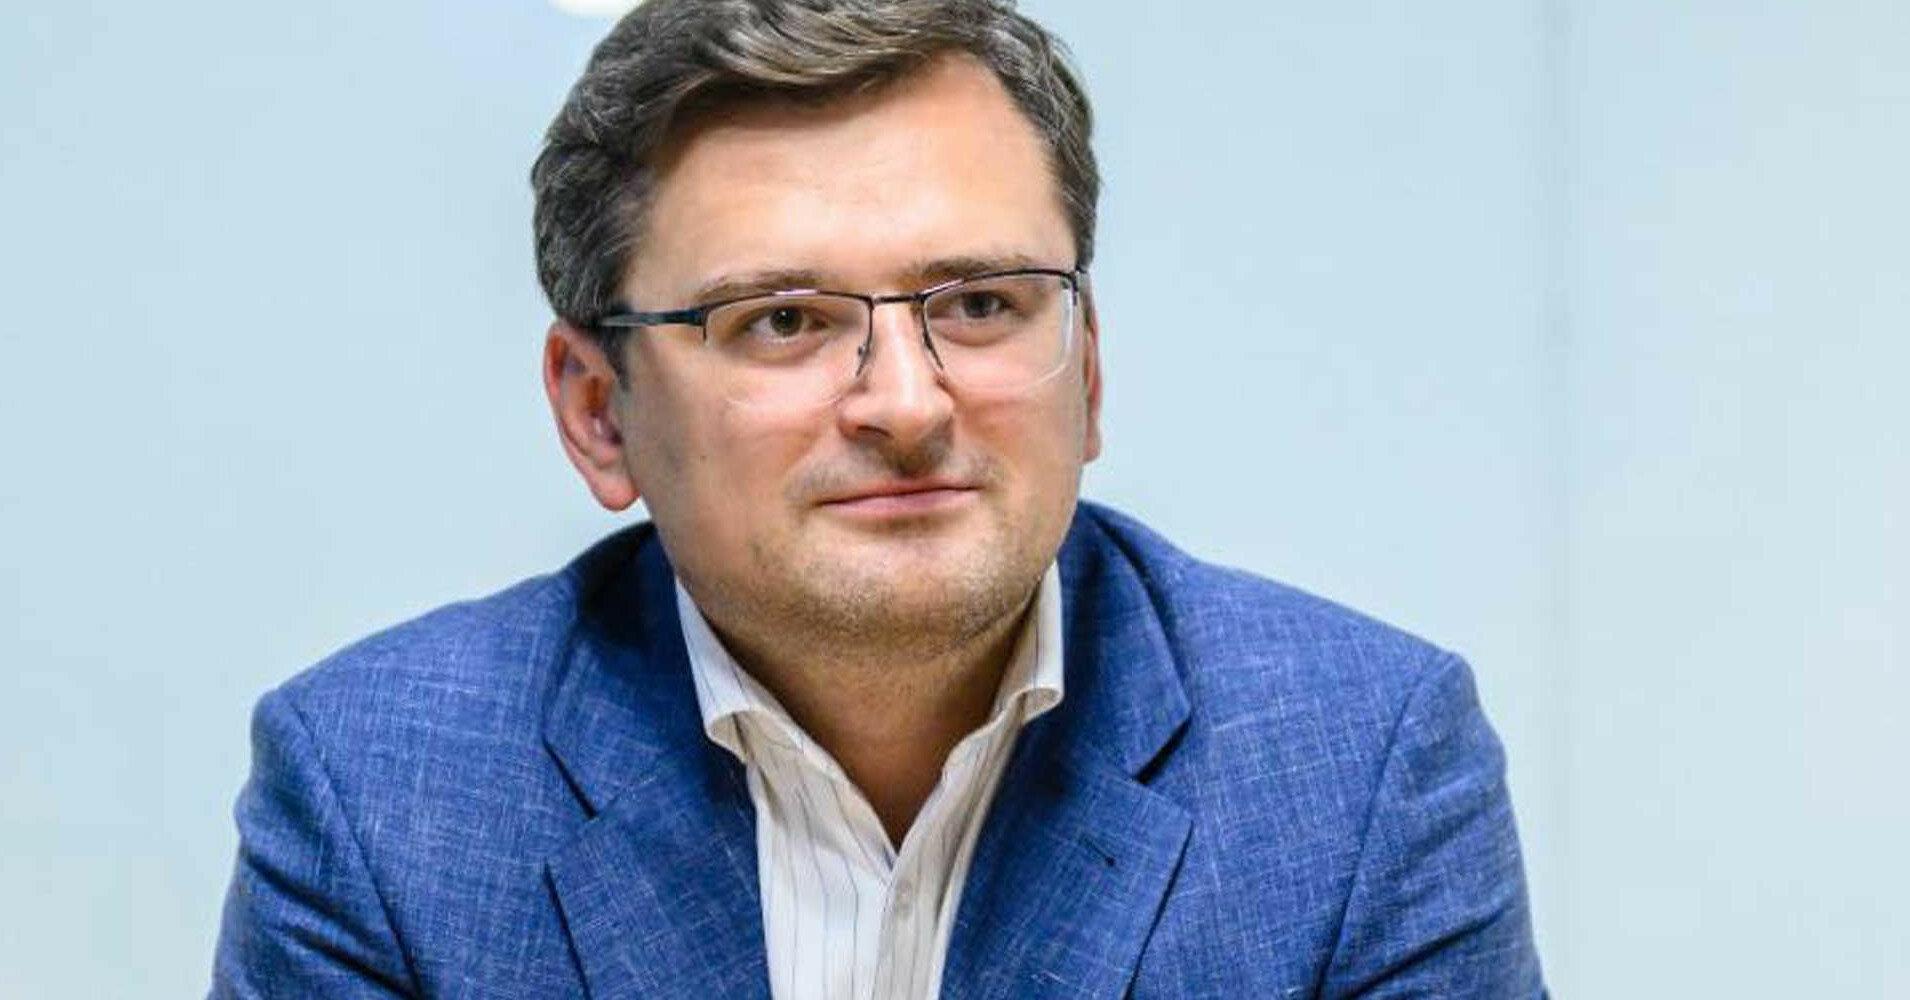 Украина хочет больше поддержки реформ от Штатов